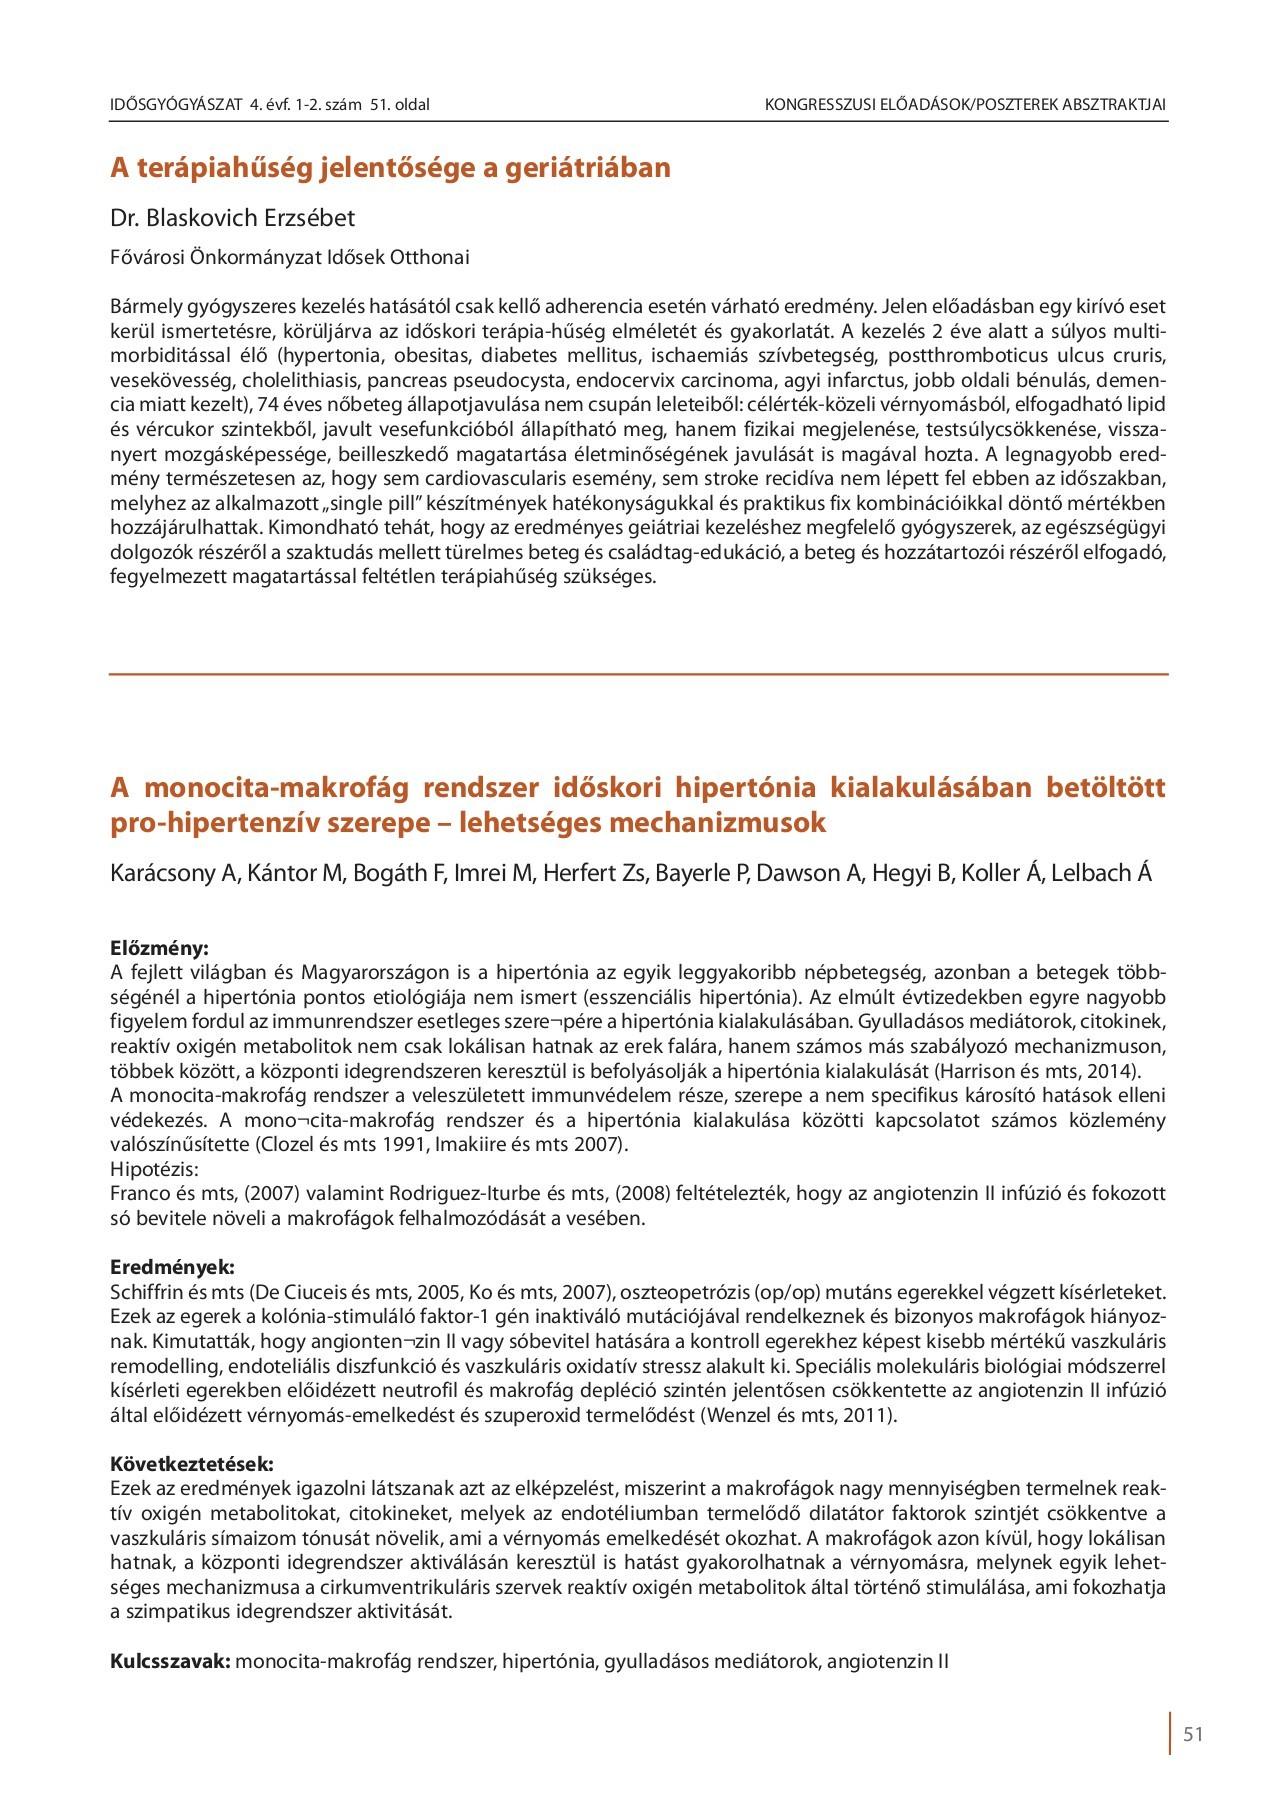 A évi európai ISPOR egészség-gazdaságtani konferencia szakmai tapasztalatai | eLitMed